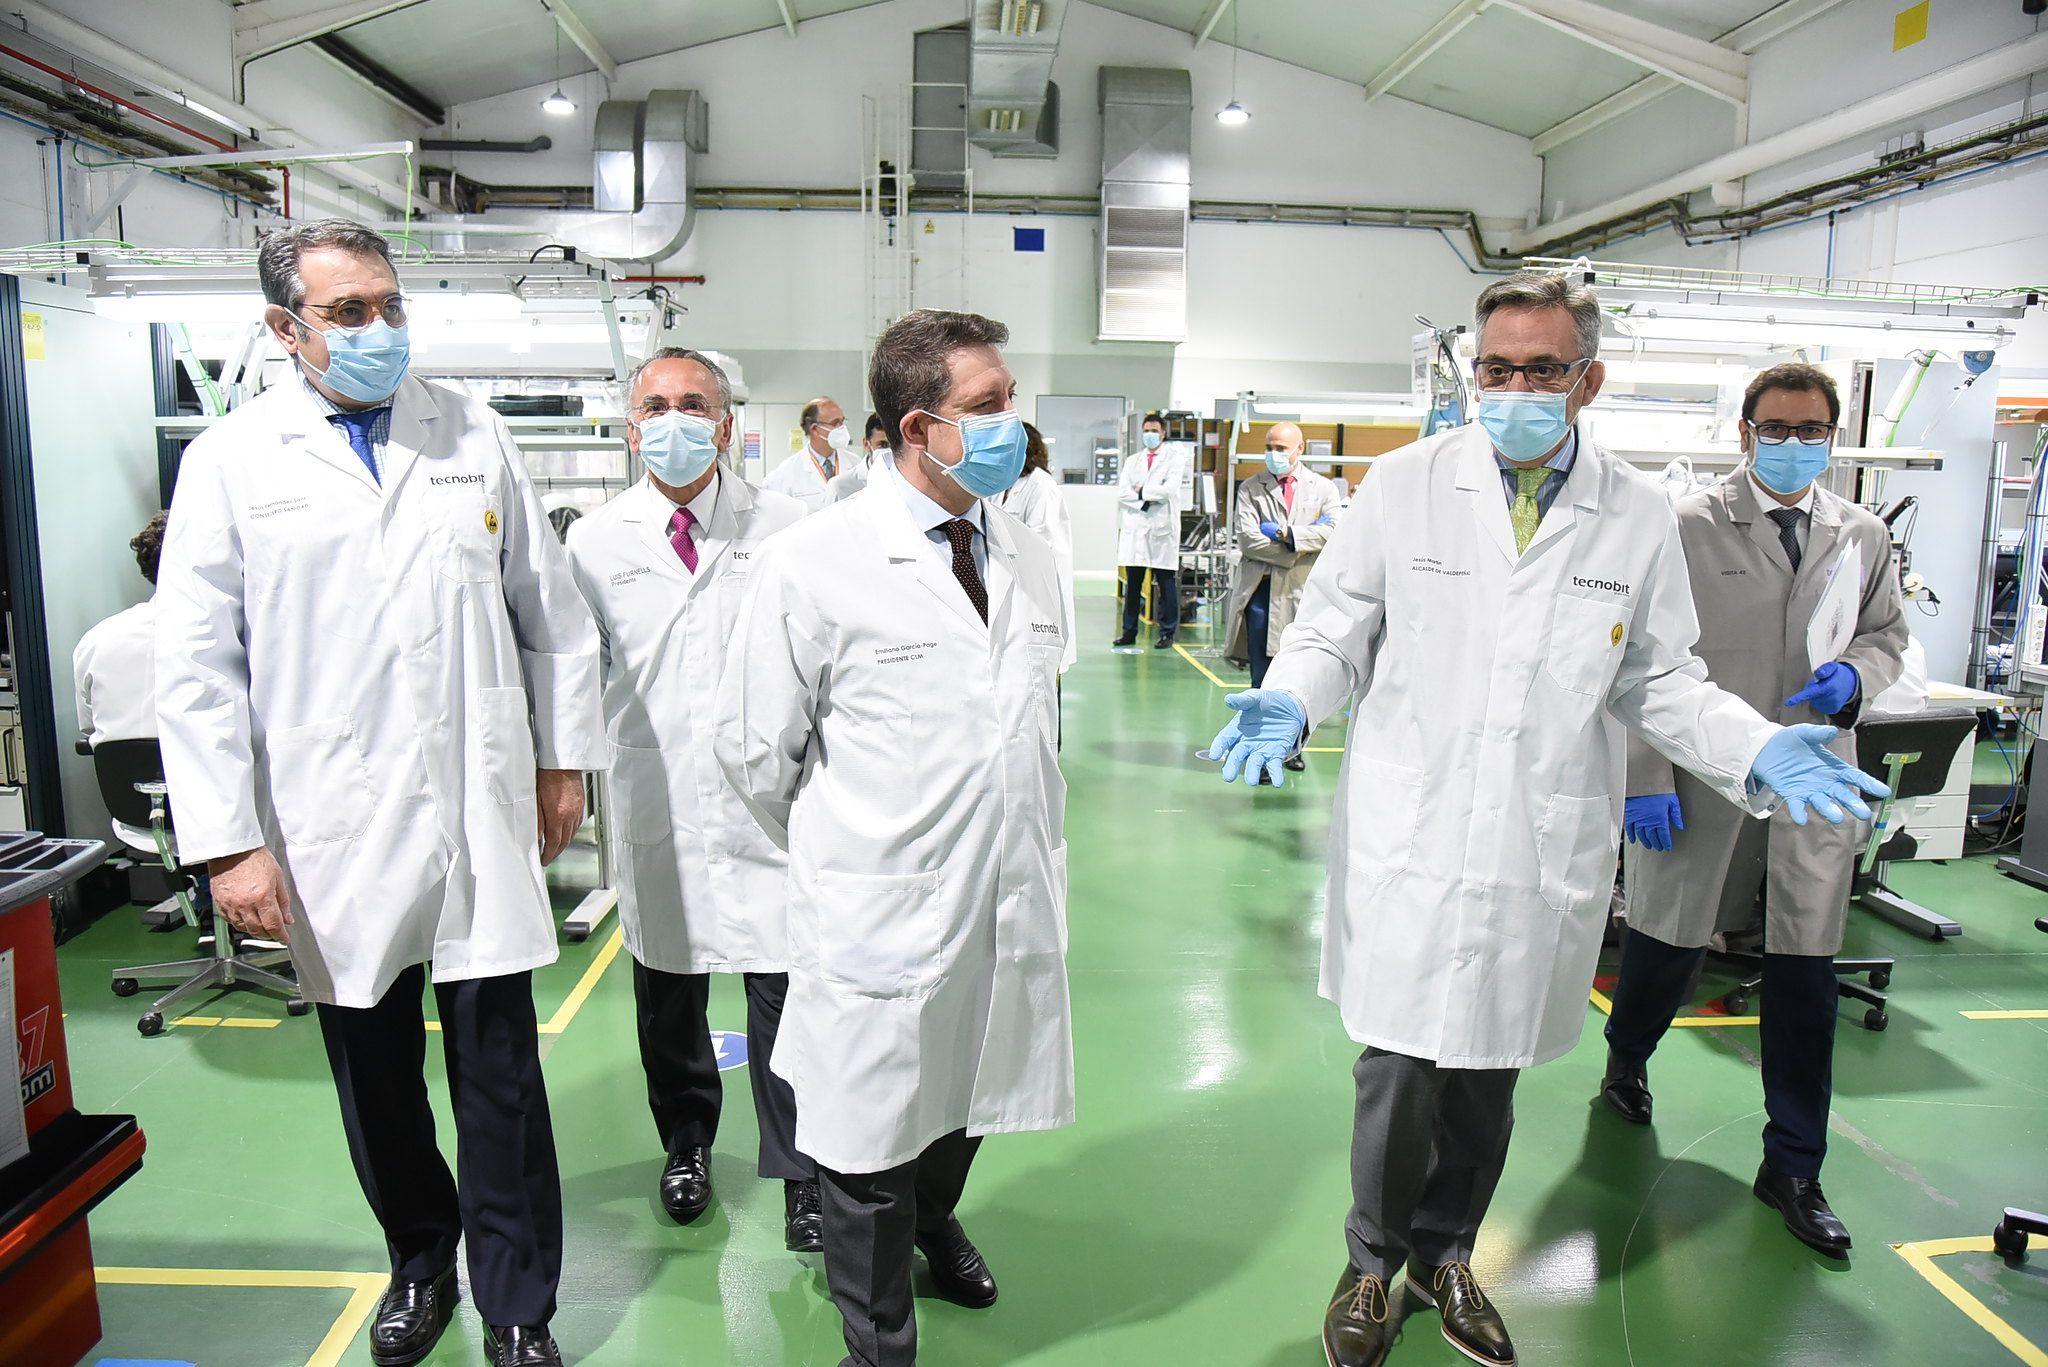 Page y Martín visitan la empresa Tecnobit, impulsora del Corredor Aéreo Sanitario